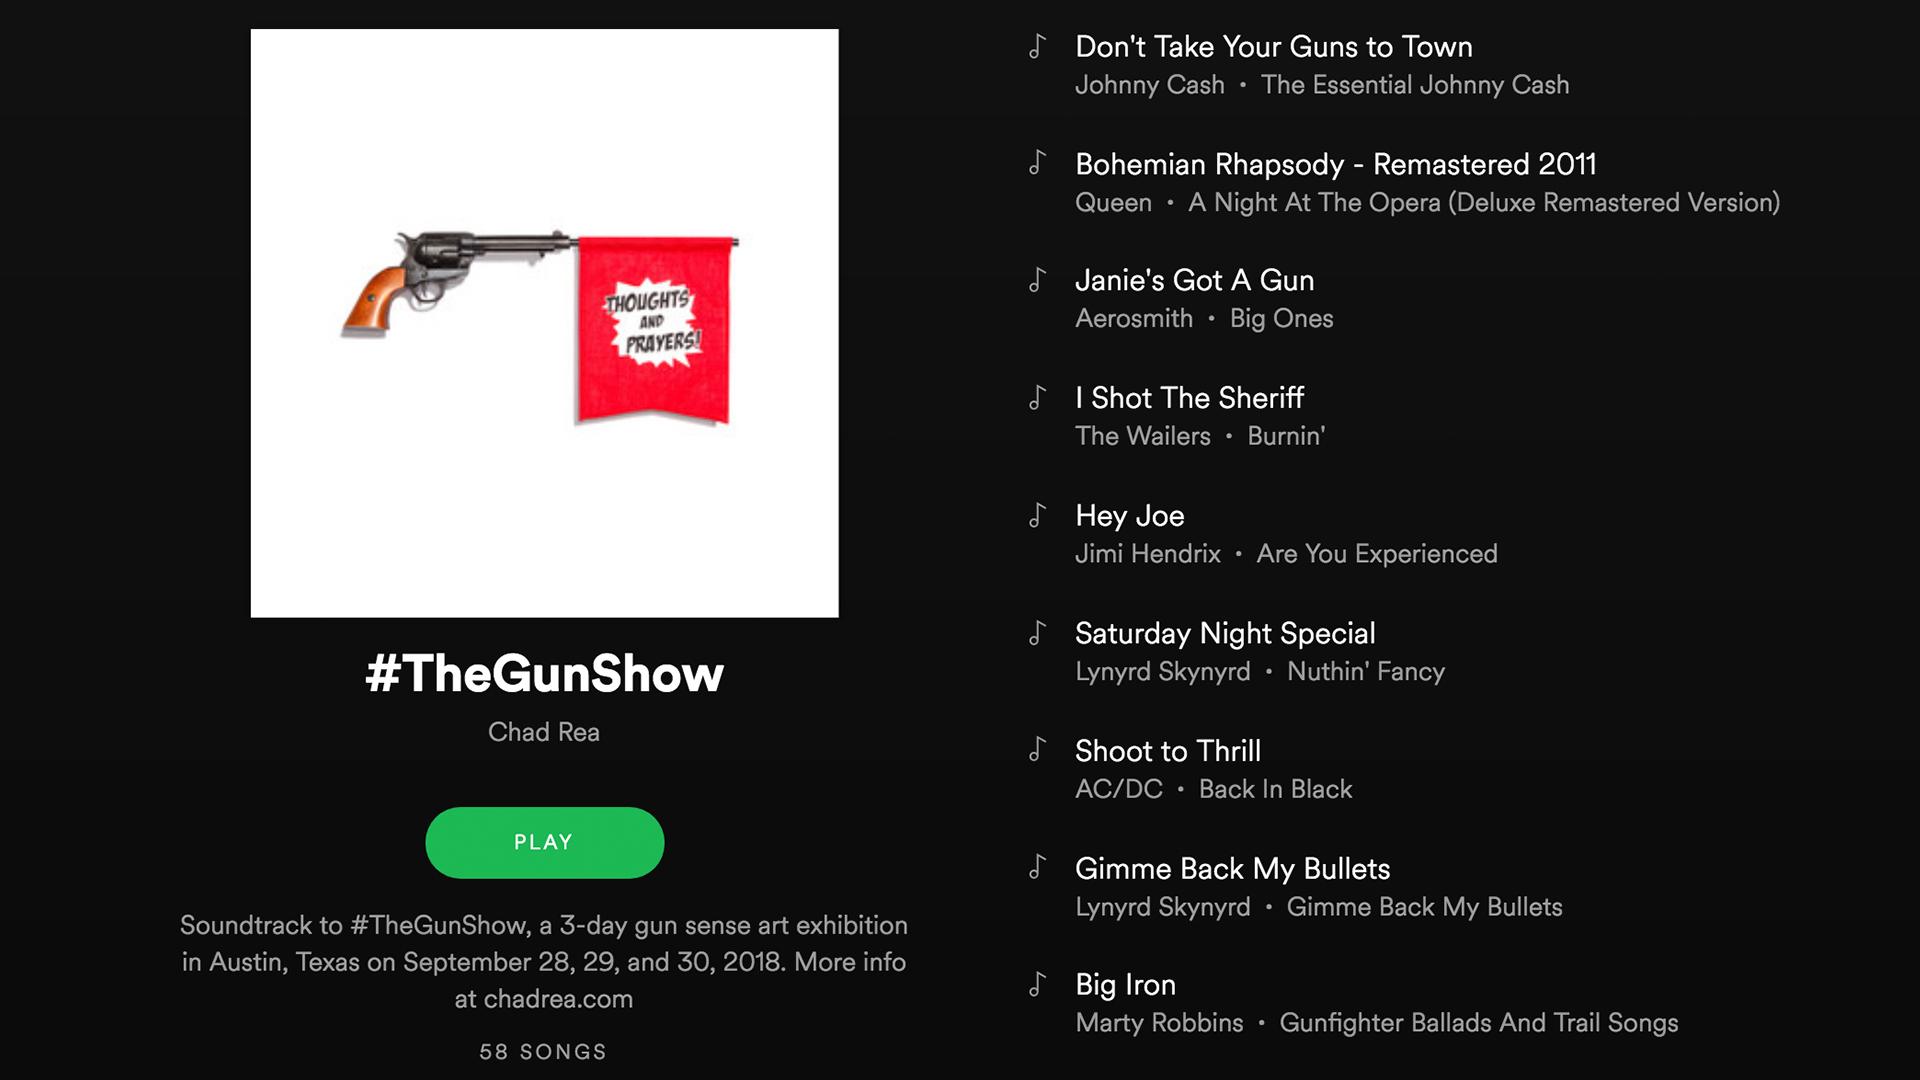 #TheGunShow Spotify Playlist